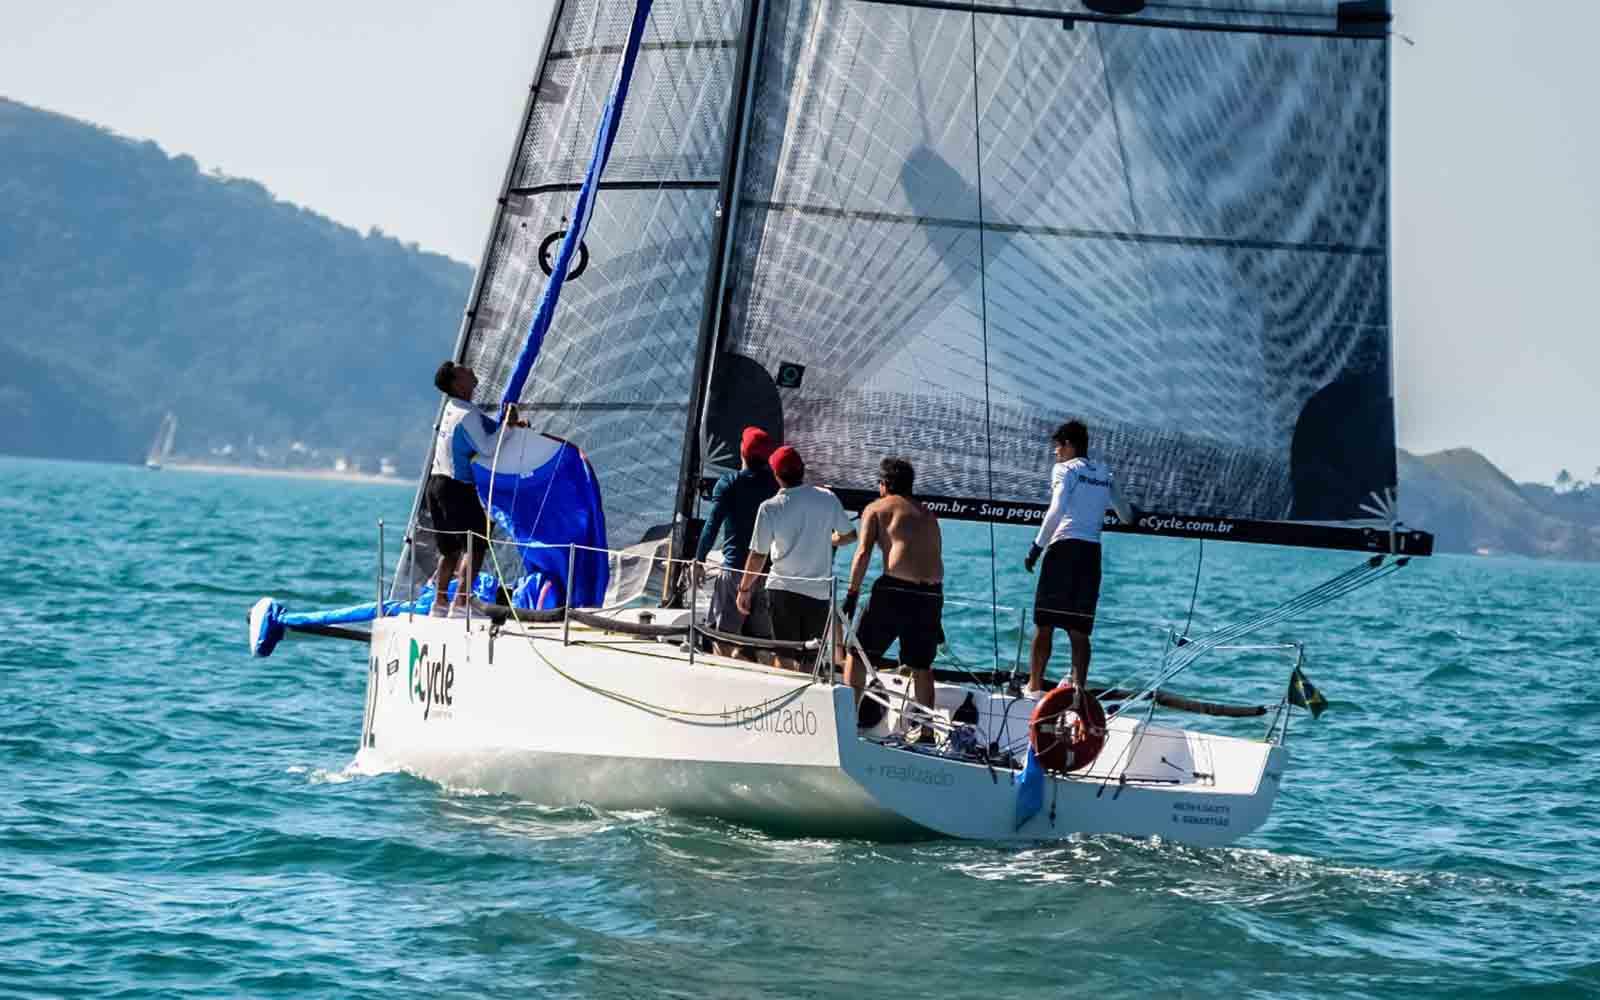 eCycle +Realizado (Aline Bassi Balaio de Ideias) - boat shopping Caballo Loco